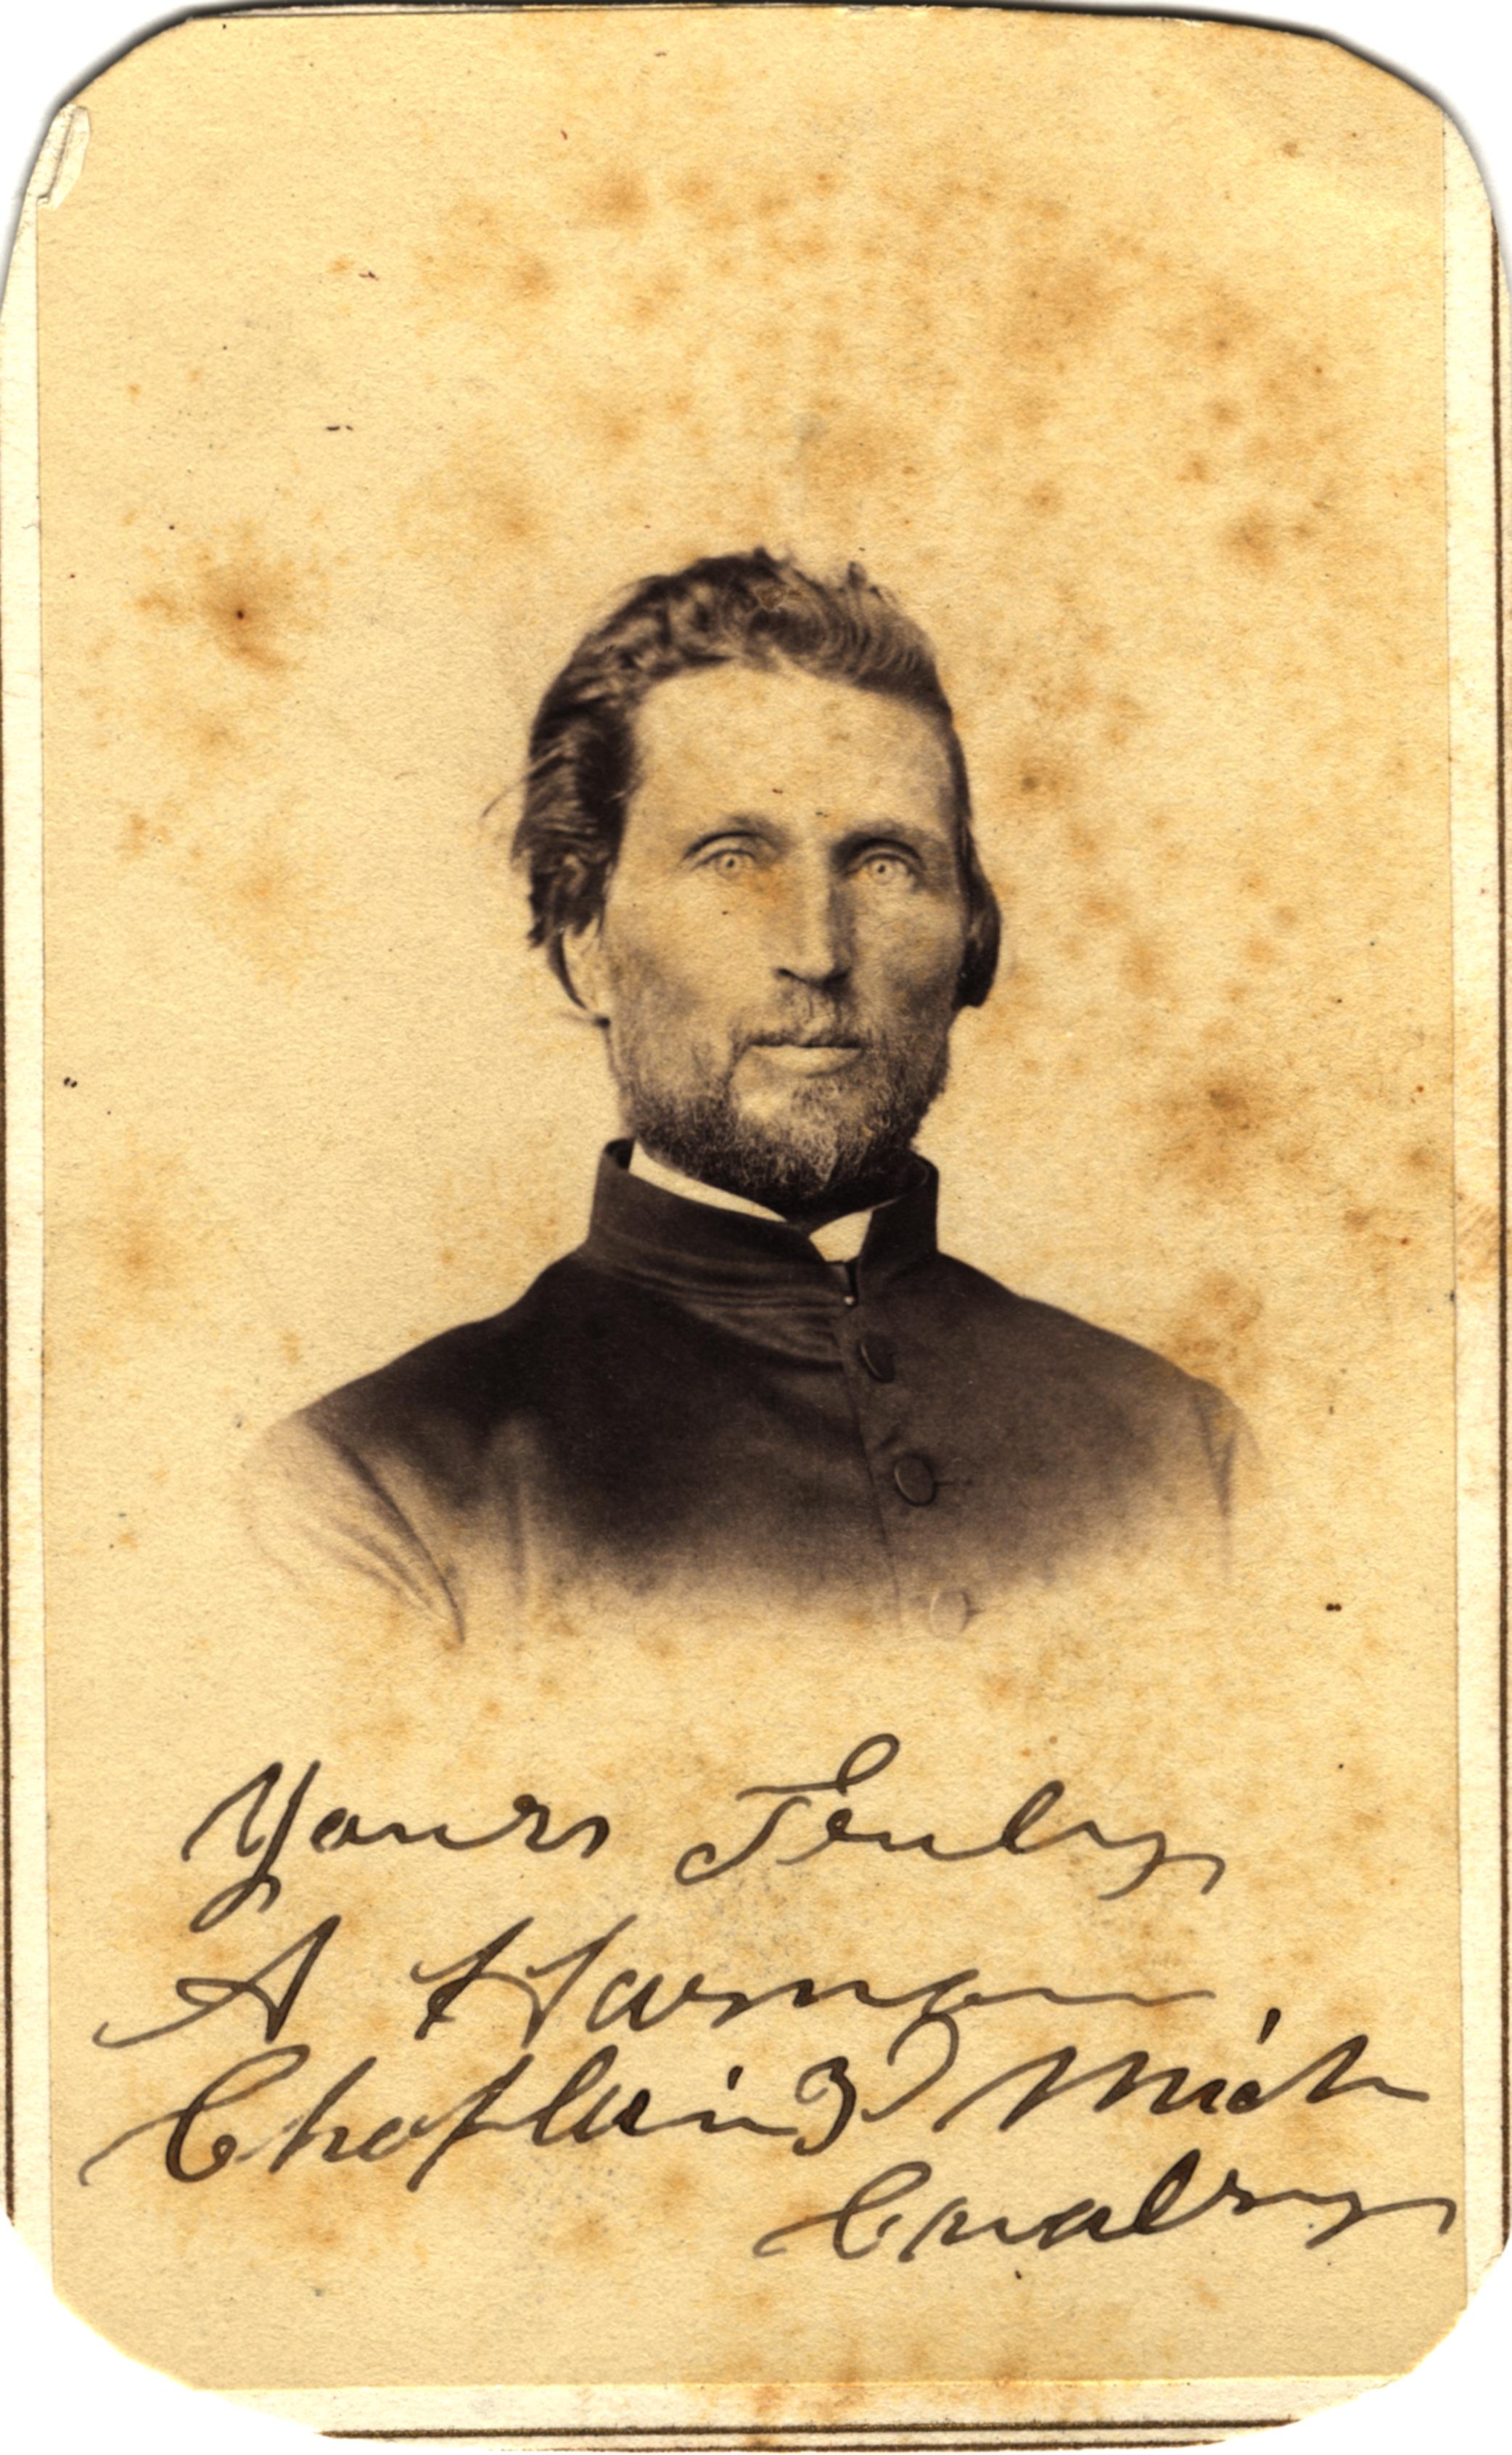 Asa Harmon, circa 1860s